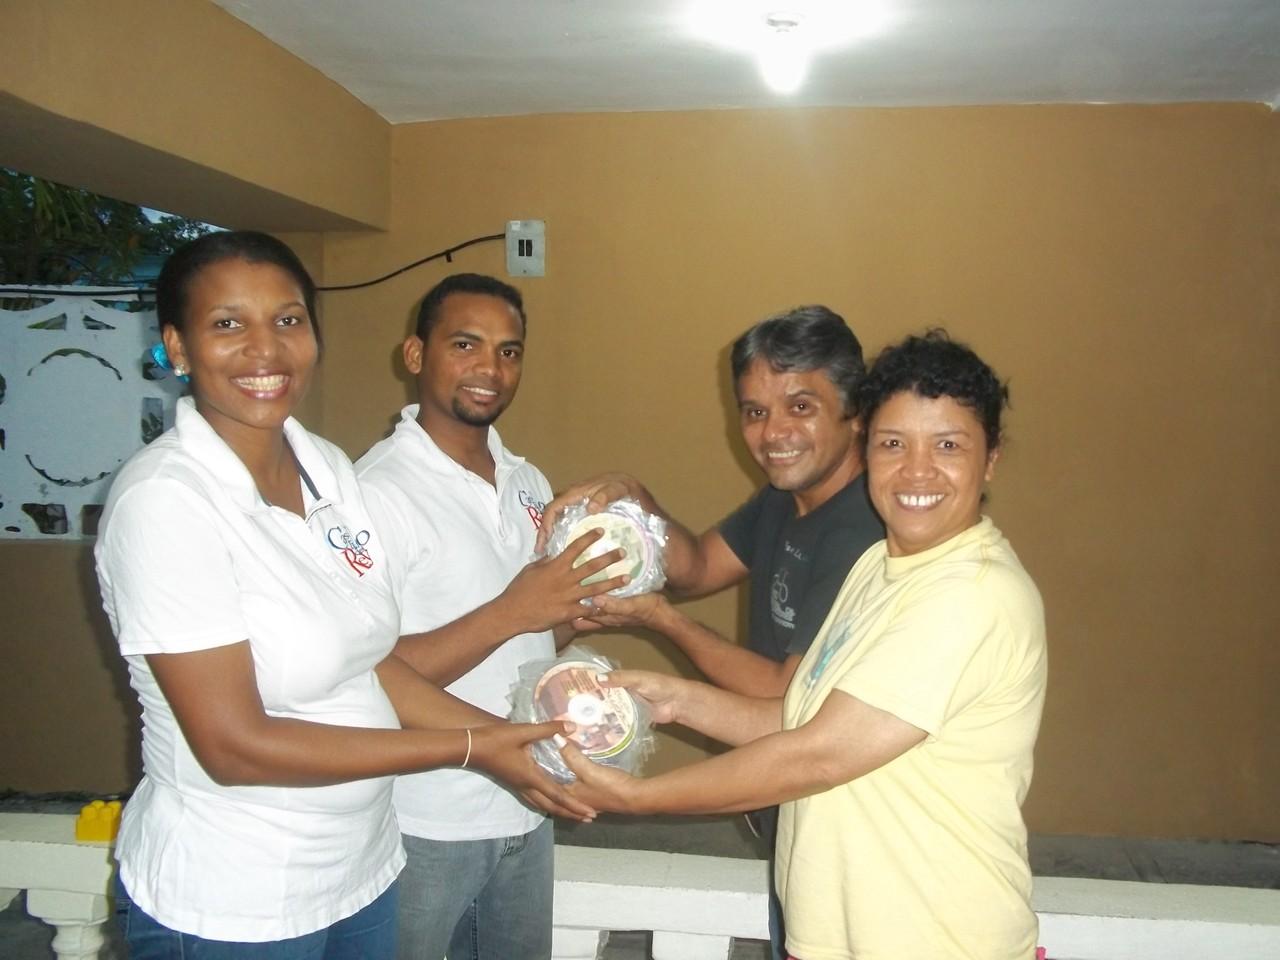 Donando cds de Misiones a la RIMI de Sto Domingo